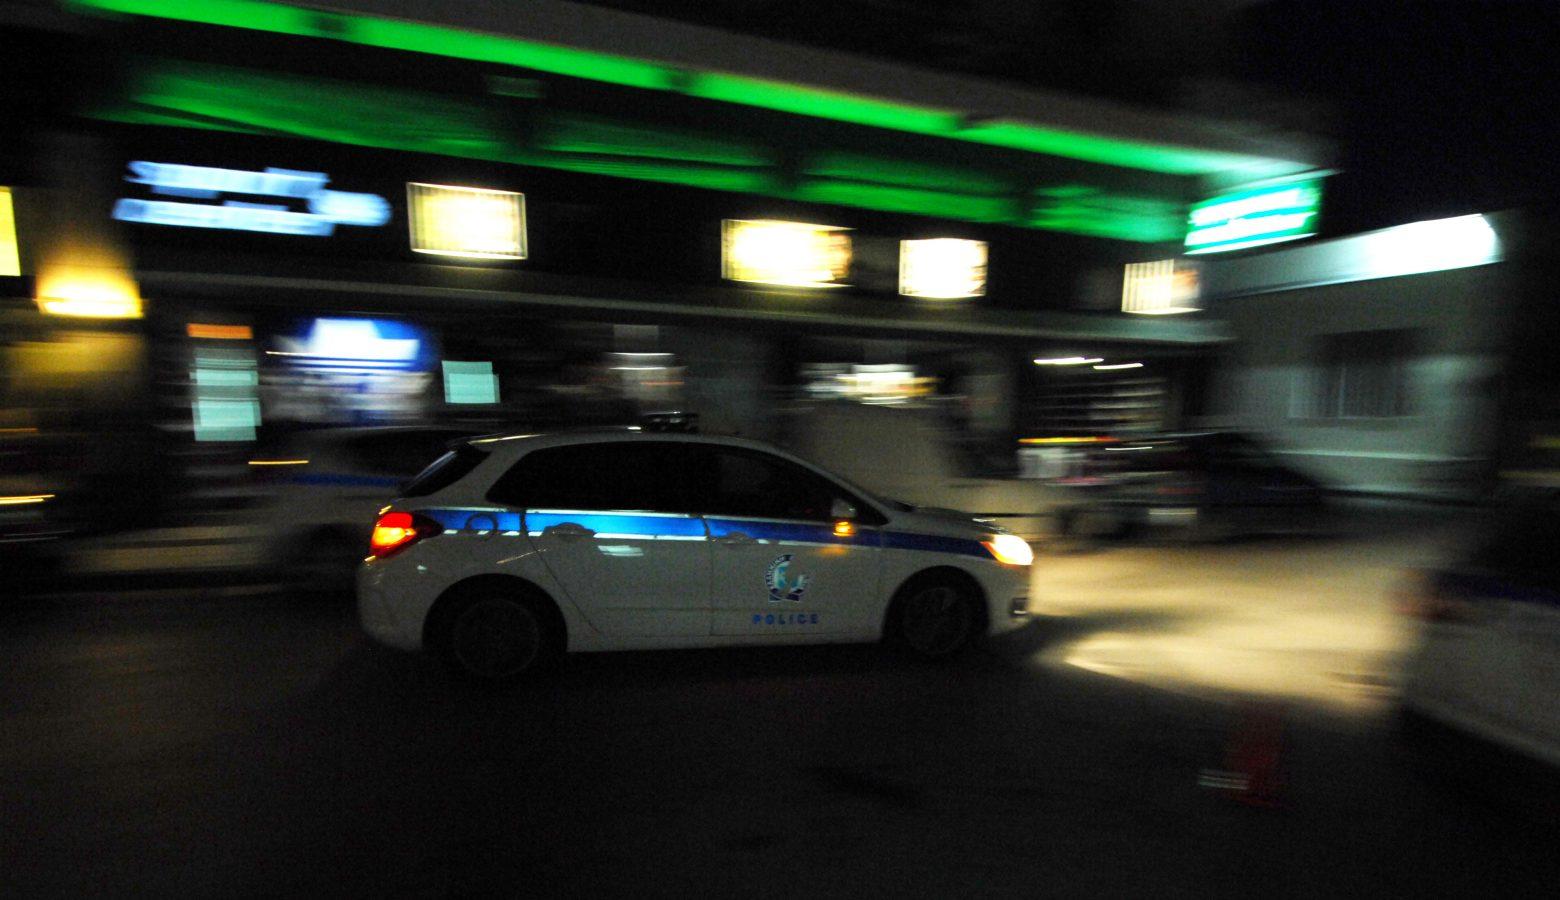 Ασπρόπυργος – Βρήκαν βρέφος παρατημένο στο δρόμο και τρία παιδιά κλειδωμένα σε πορτ μπαγκάζ